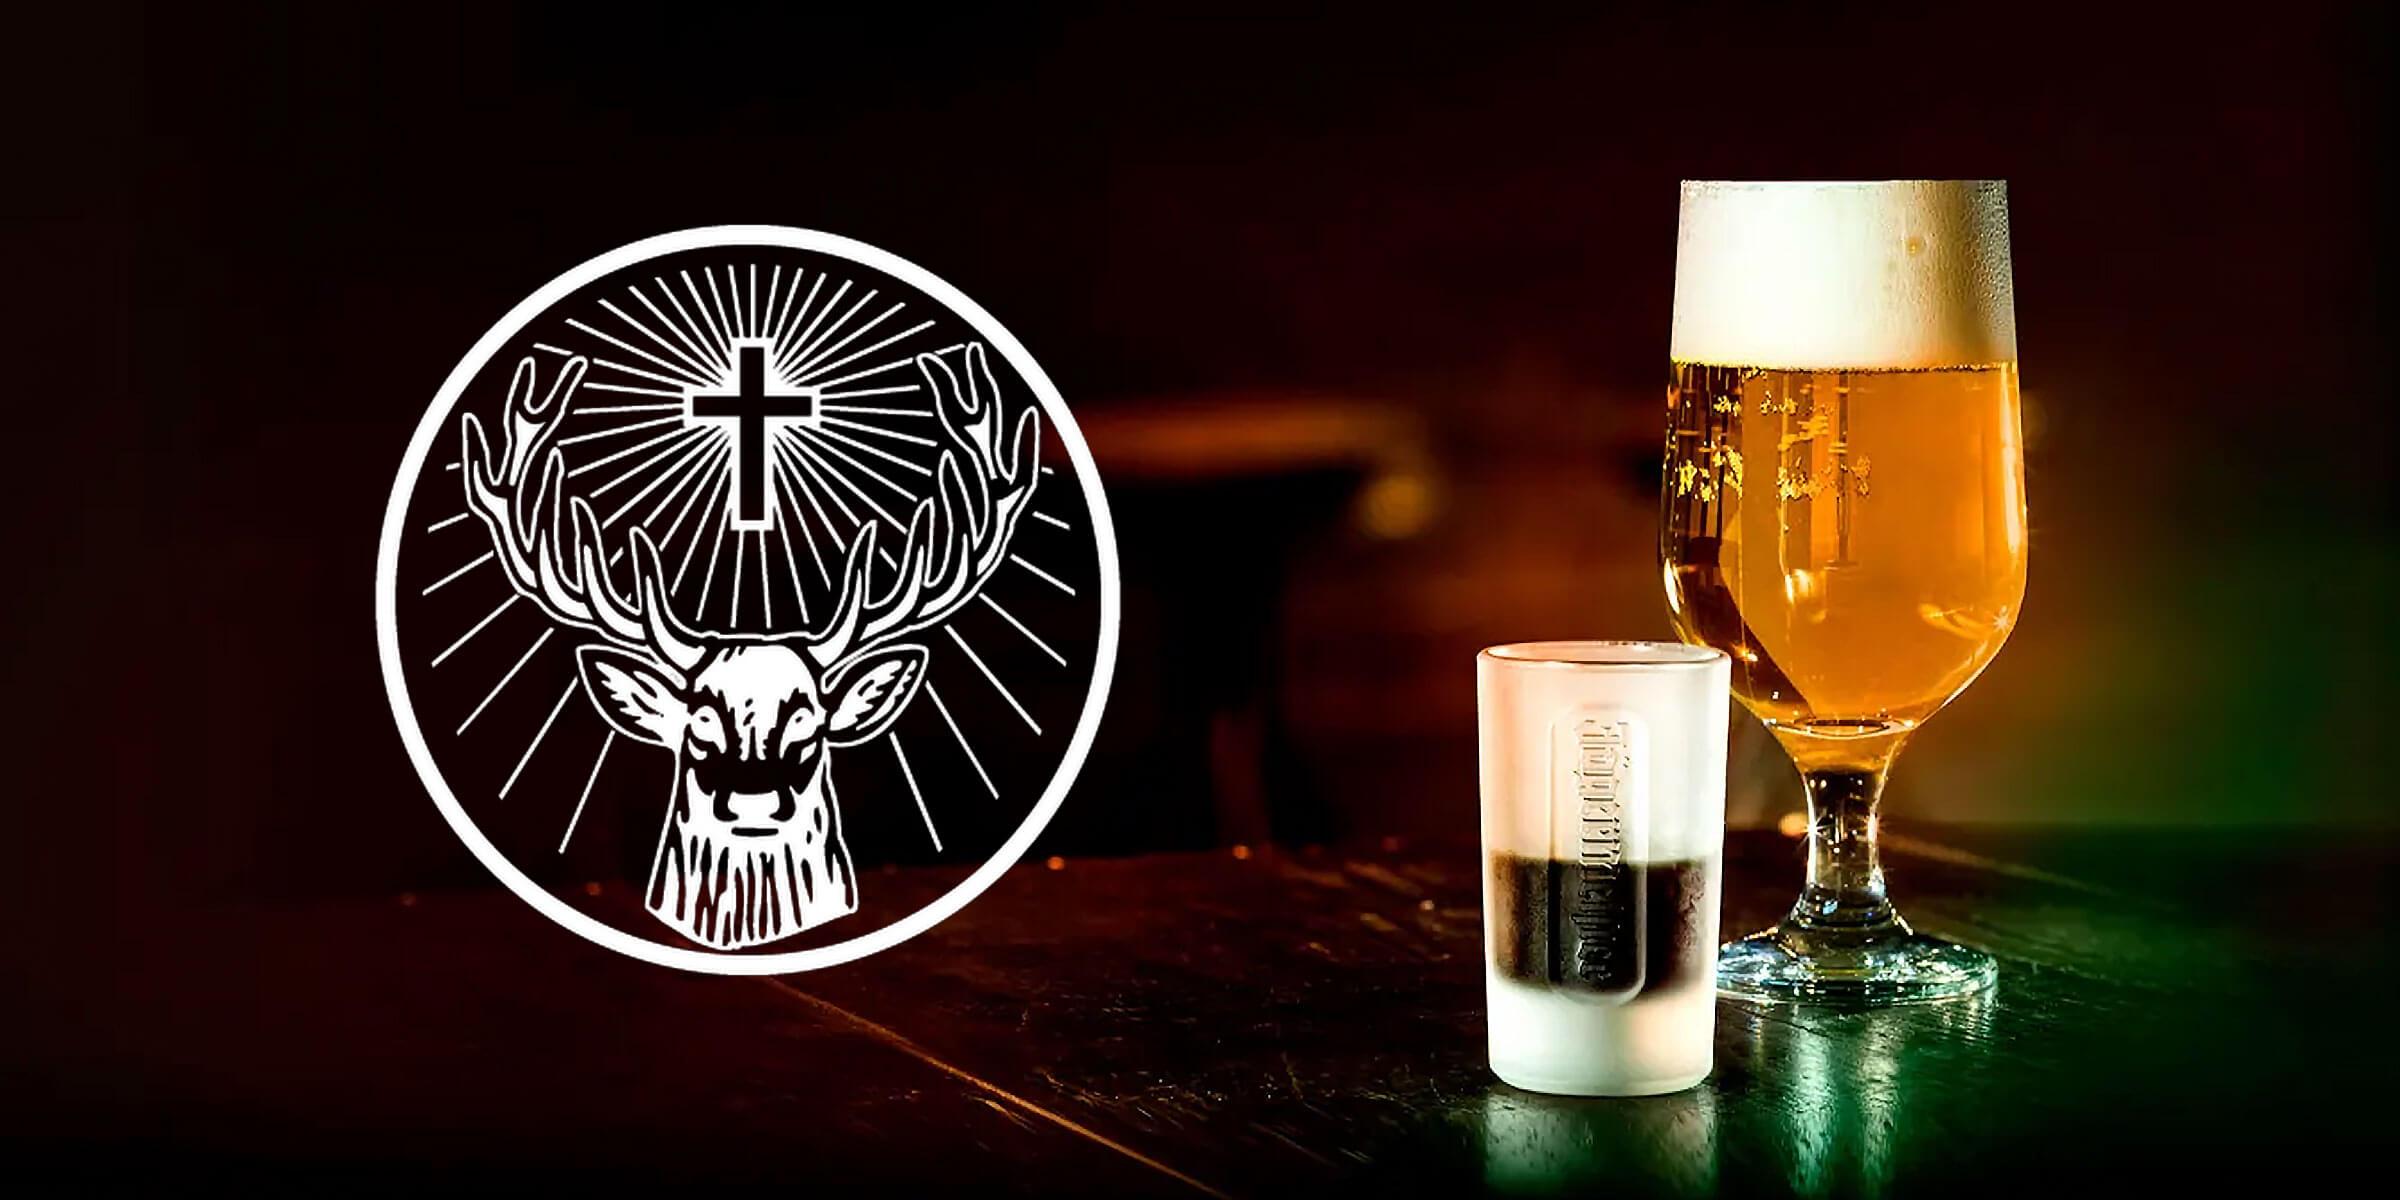 """Jägermeister Launches """"Deer & Beer"""" Advertising Campaign"""